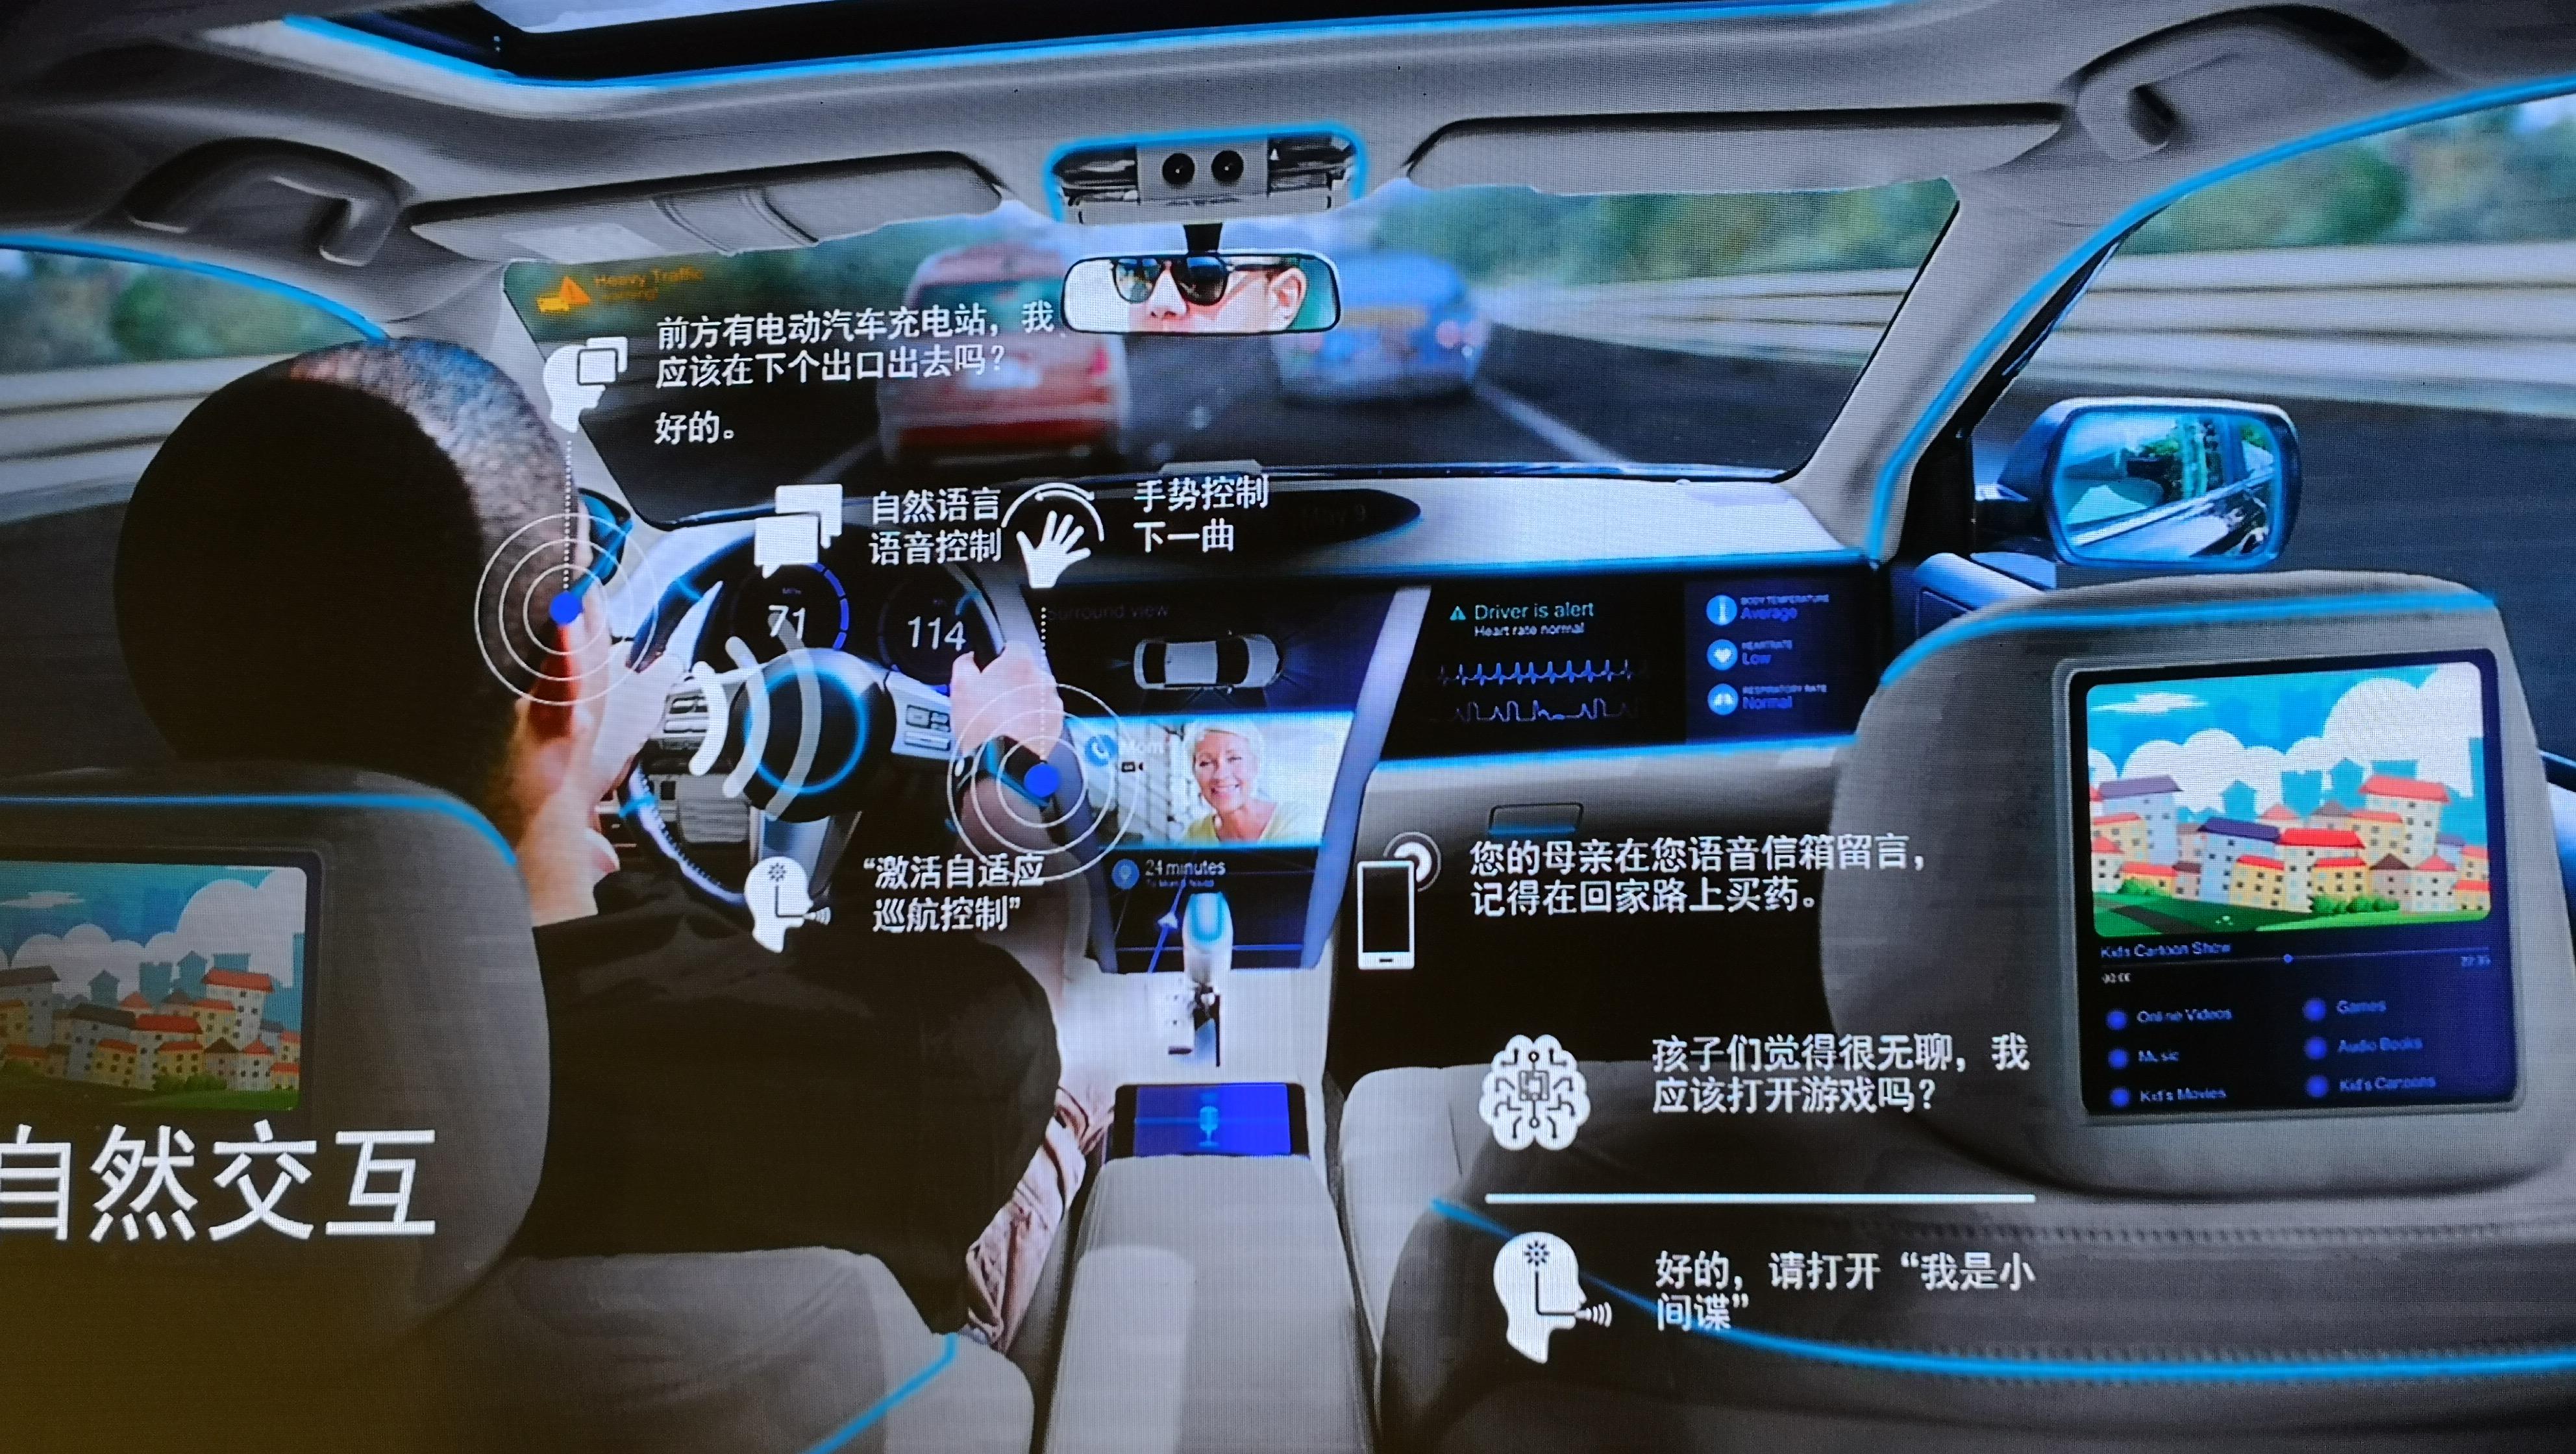 高通更展示了其在出行领域、无人驾驶的应用。在未来,人工智能将能理解情境,提供路况分析、主动告知附近的电动汽车充电站,驾驶人可以手势更换歌曲。图片展示了未来人机自然交互的各种情境。